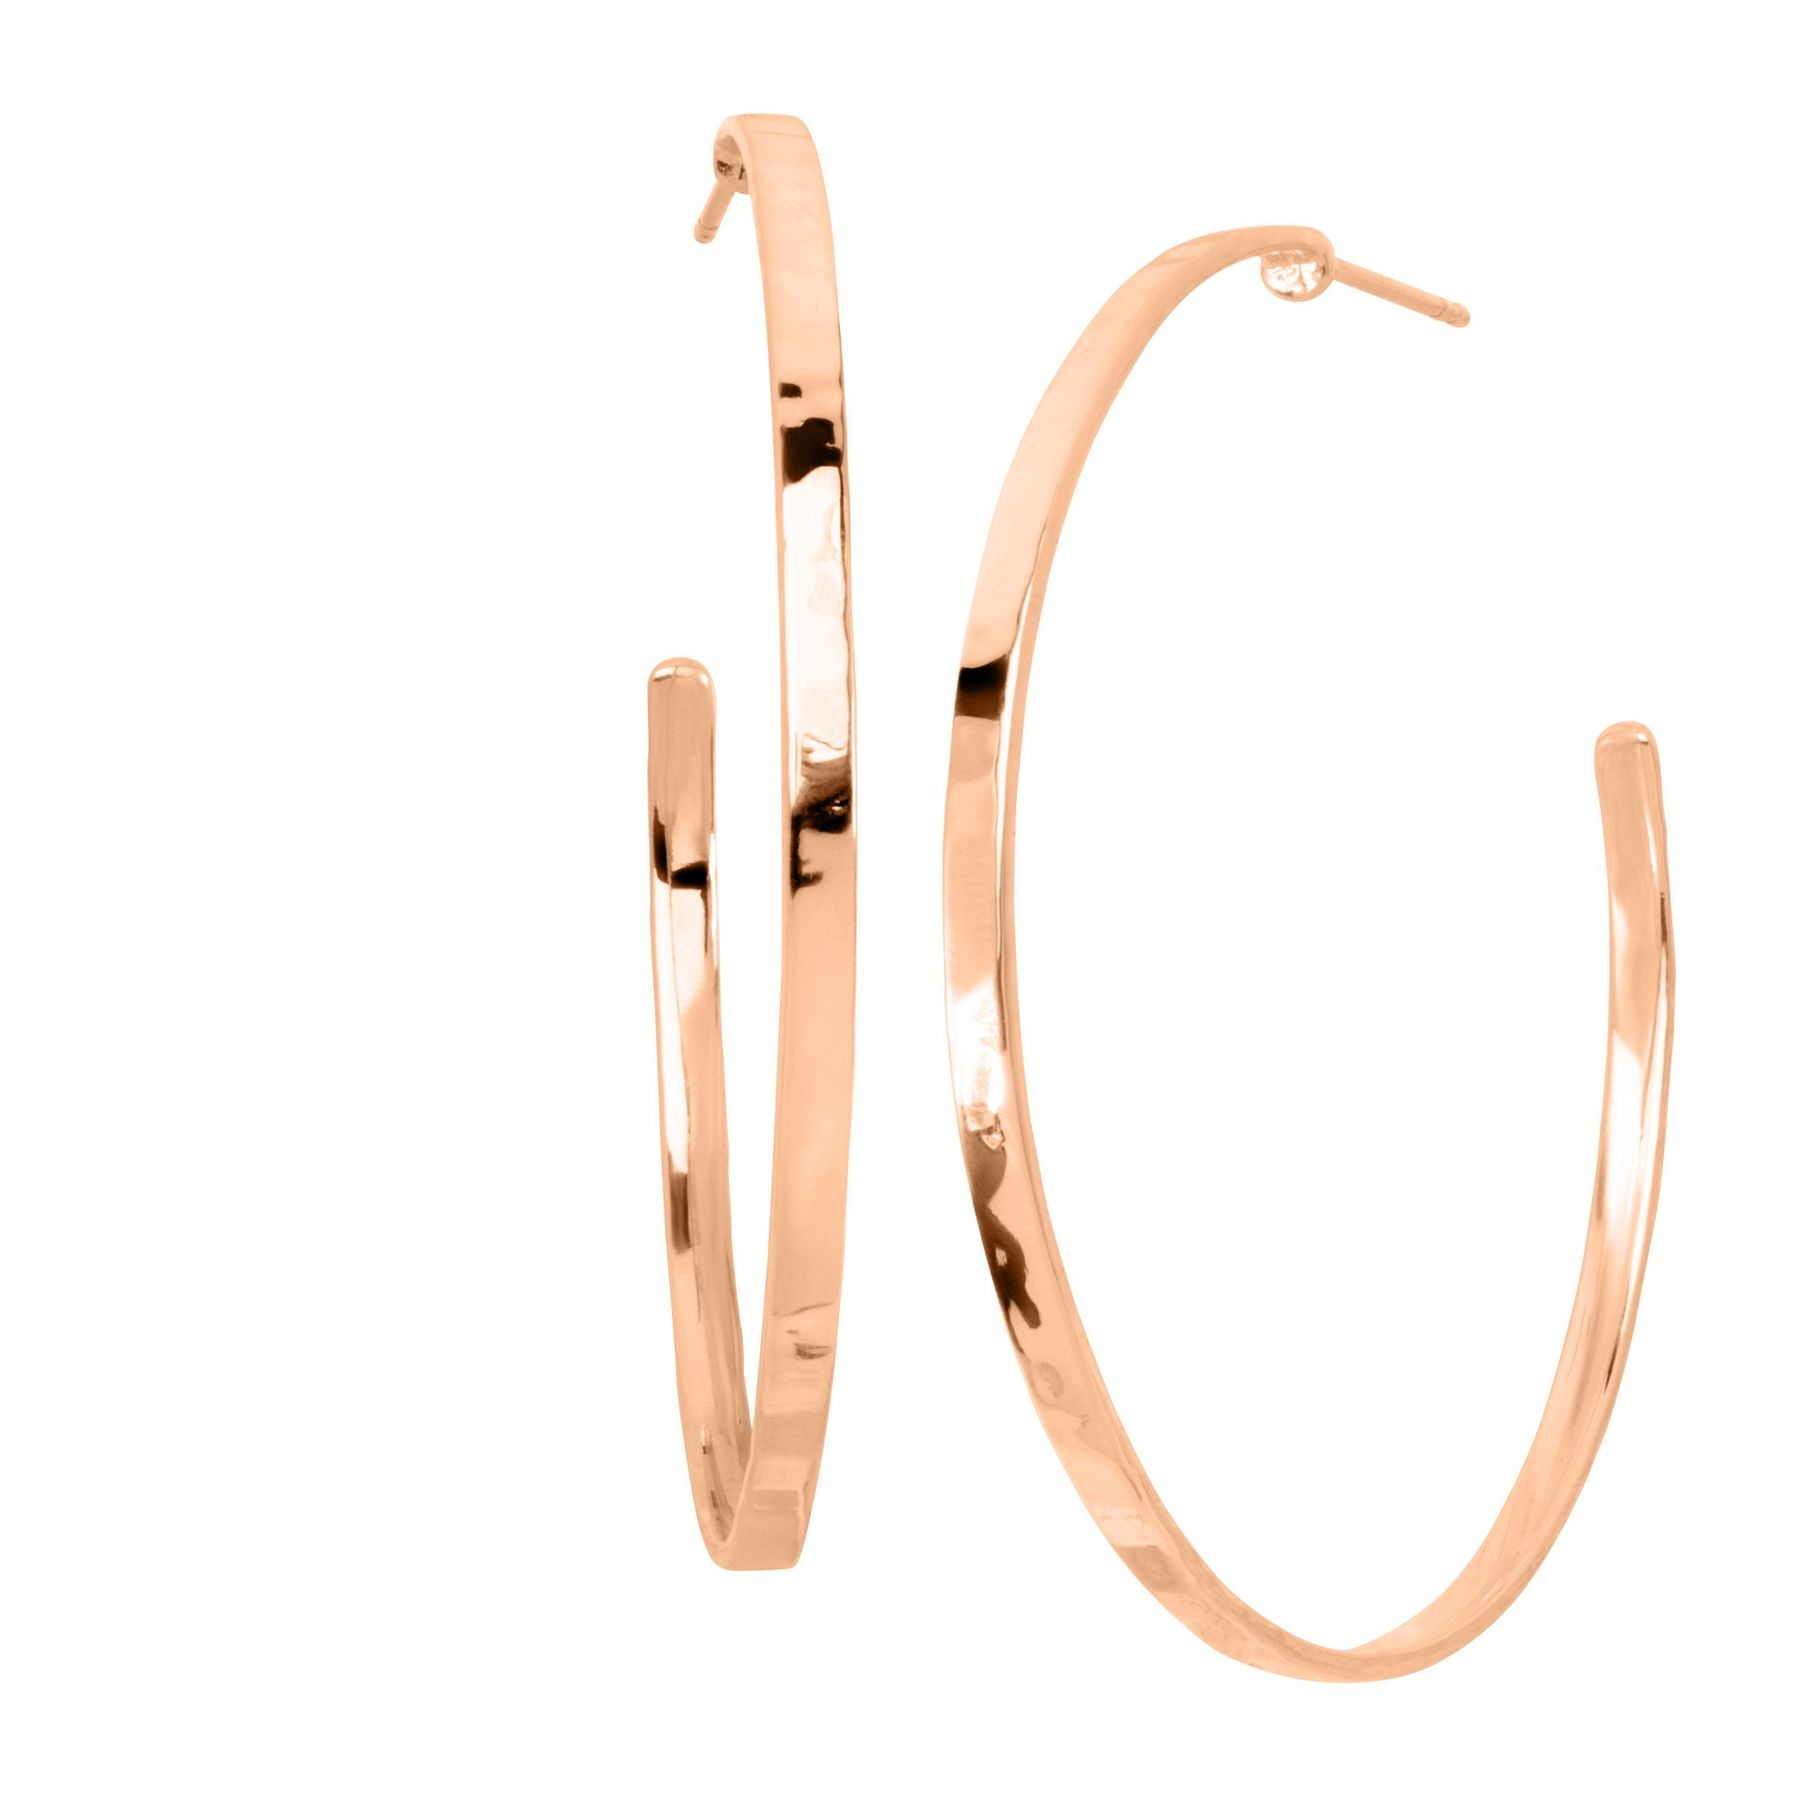 Silpada Circle Up Hammered Hoop Earrings In 18k Rose Gold Plated Sterling Silver Circle Up Hoop Earrings Rose Silpada